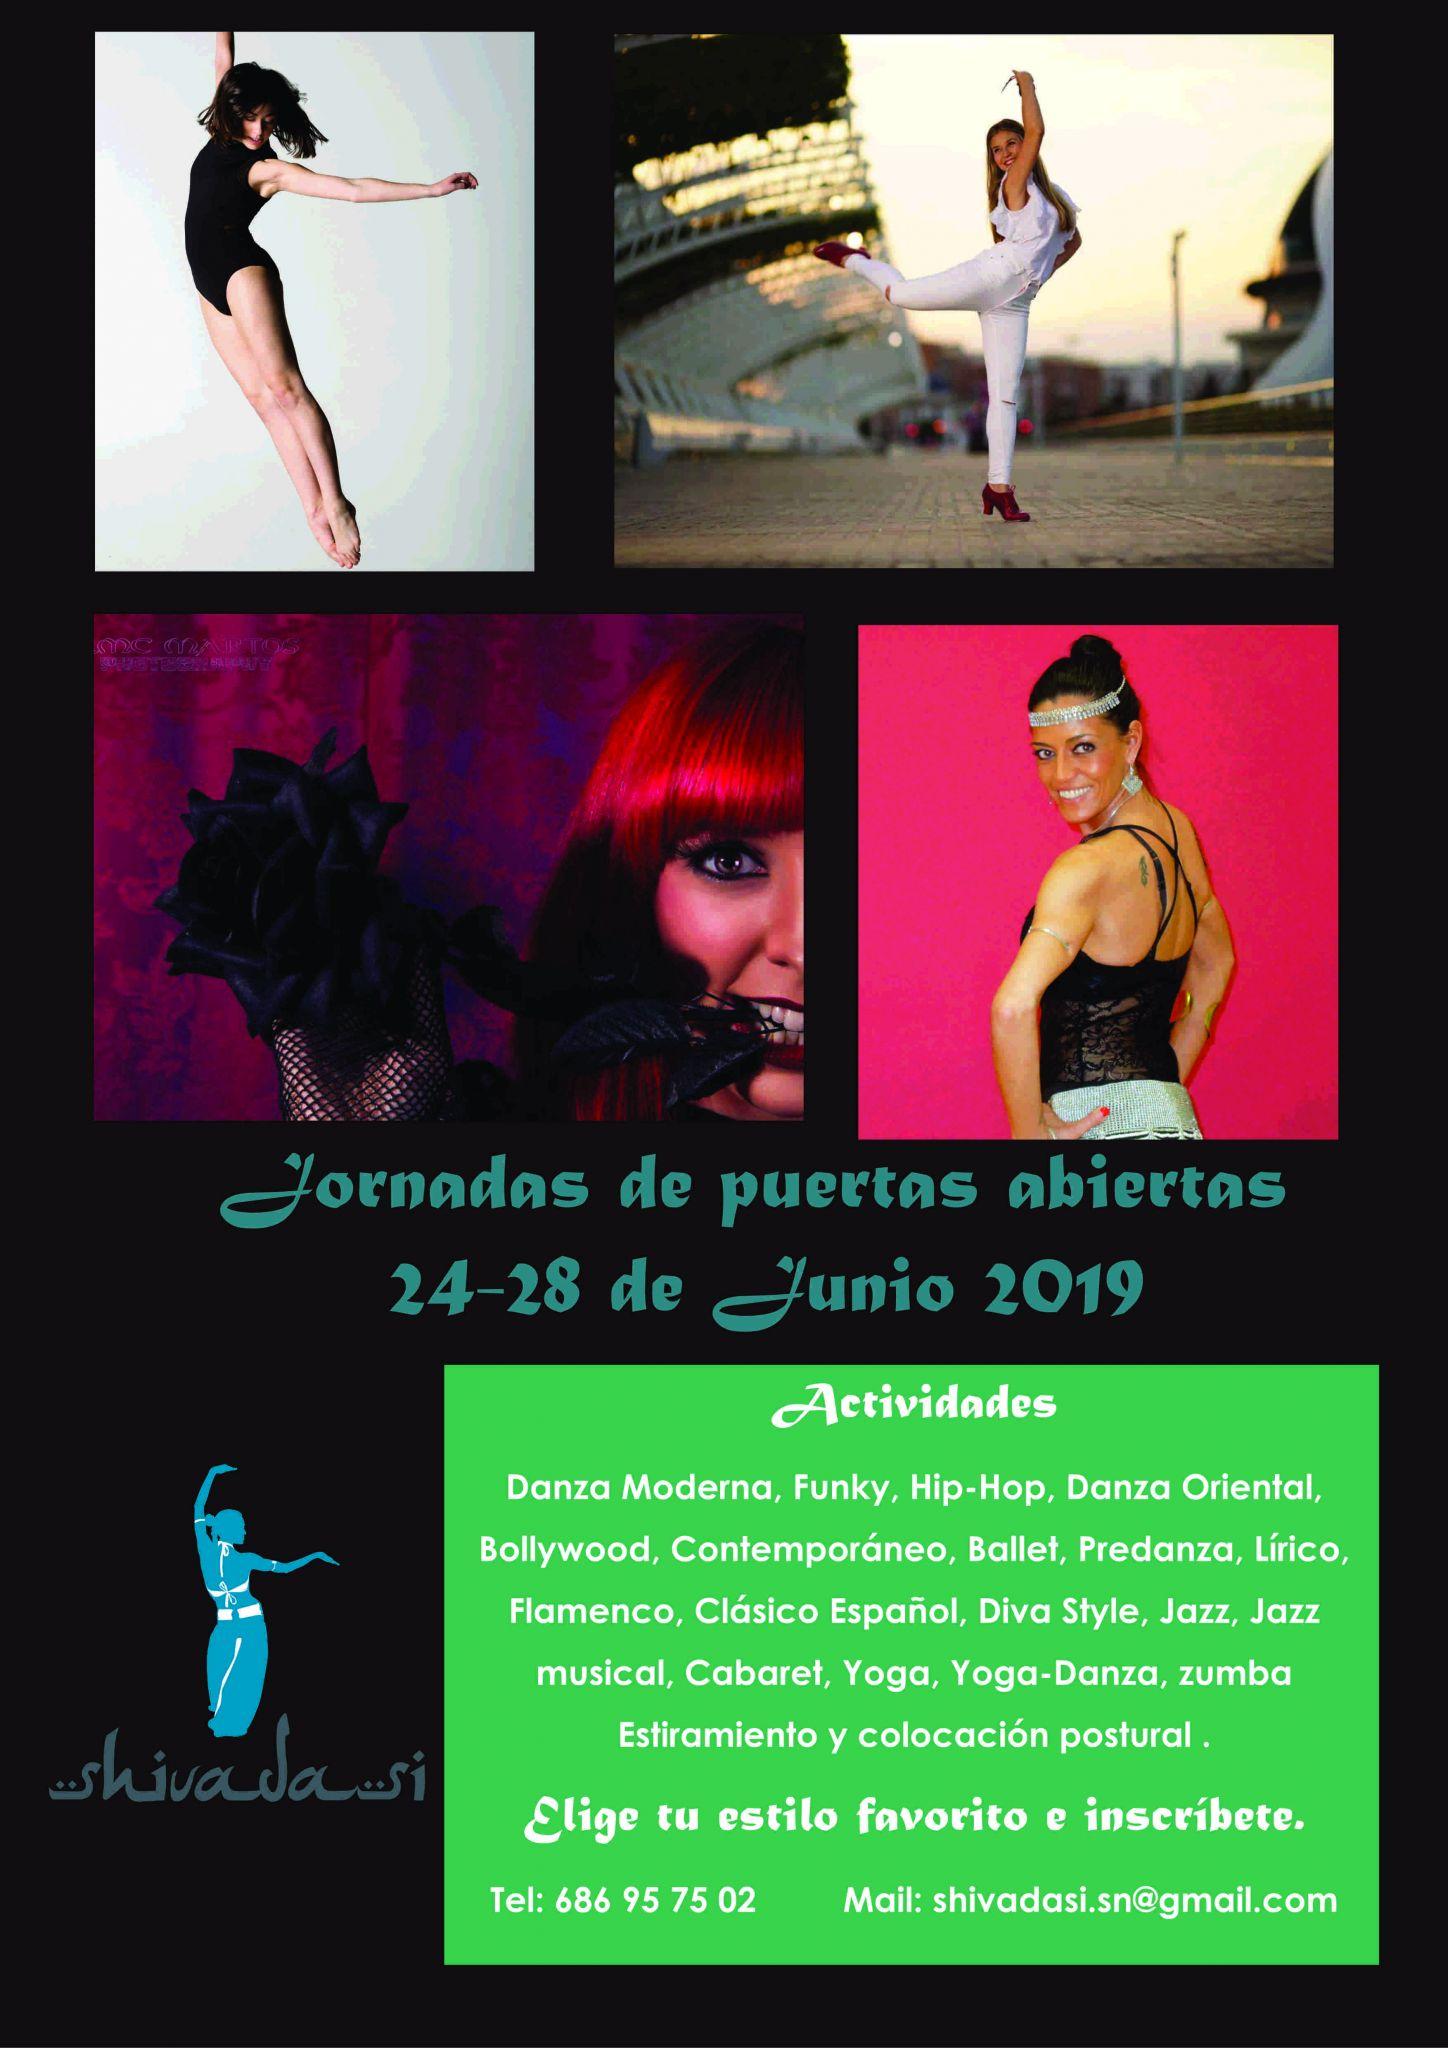 Shivadasi - Jornada de Puertas Abiertas - POSTER JPS 2019 - Escuela de Danza - Las Tablas, Madrid